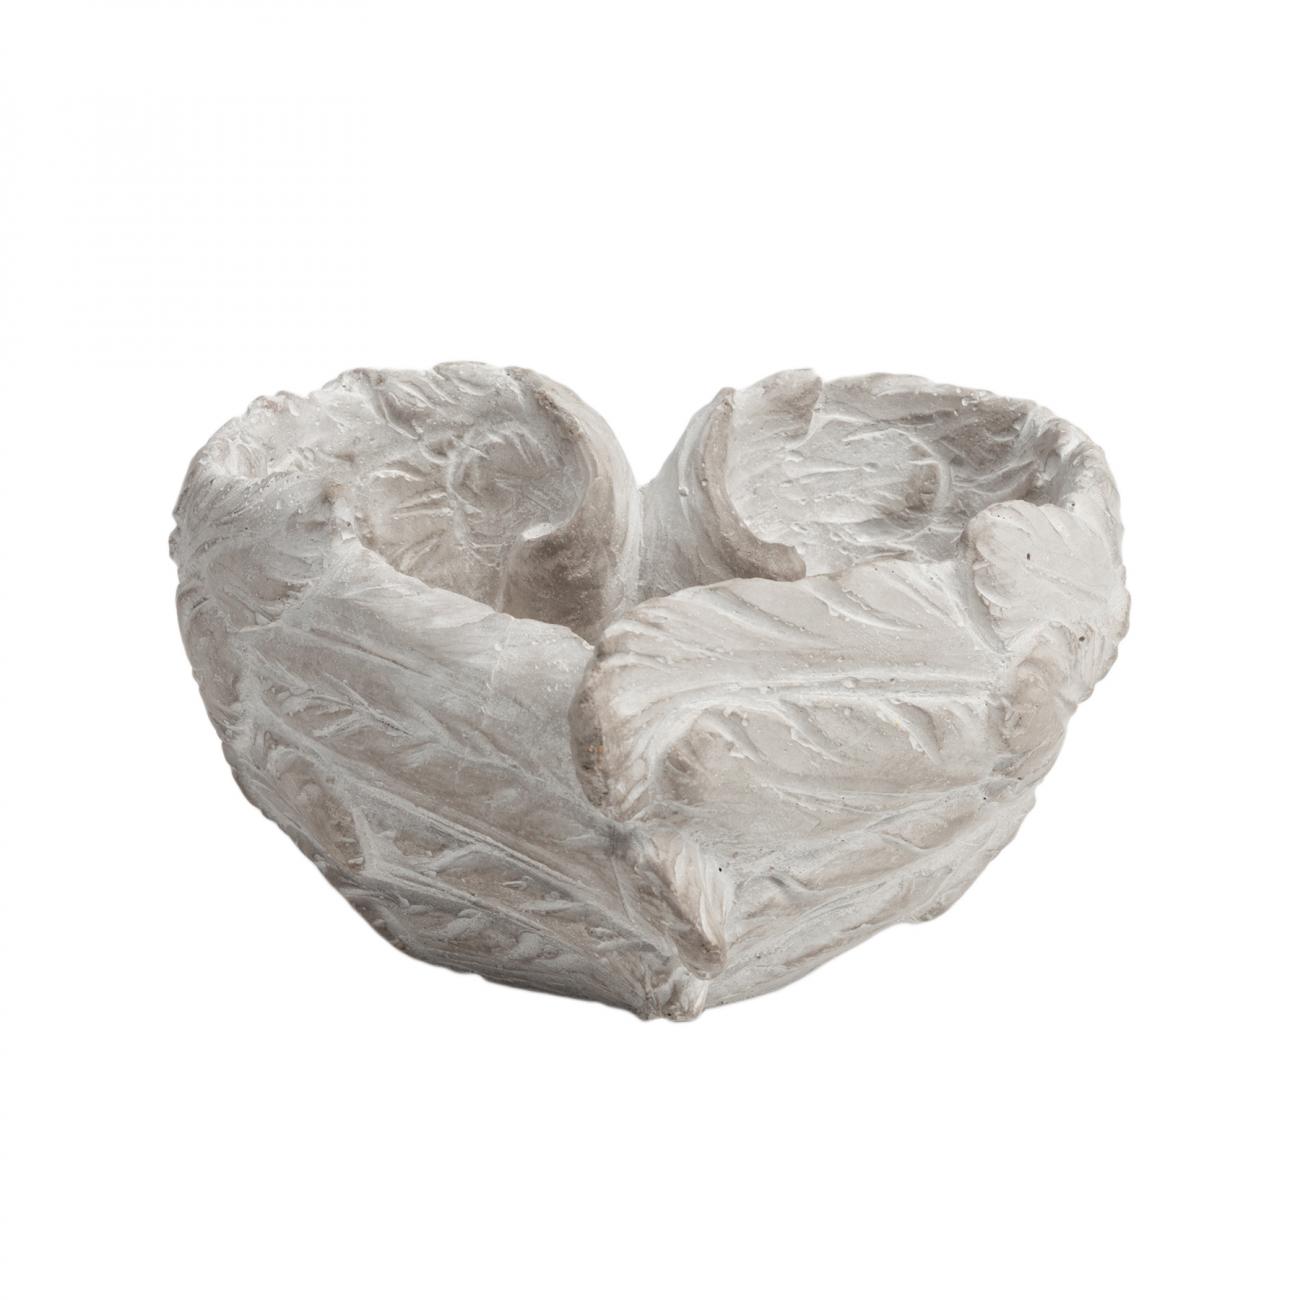 Купить Декоративное блюдо Amur Маленькое в интернет магазине дизайнерской мебели и аксессуаров для дома и дачи